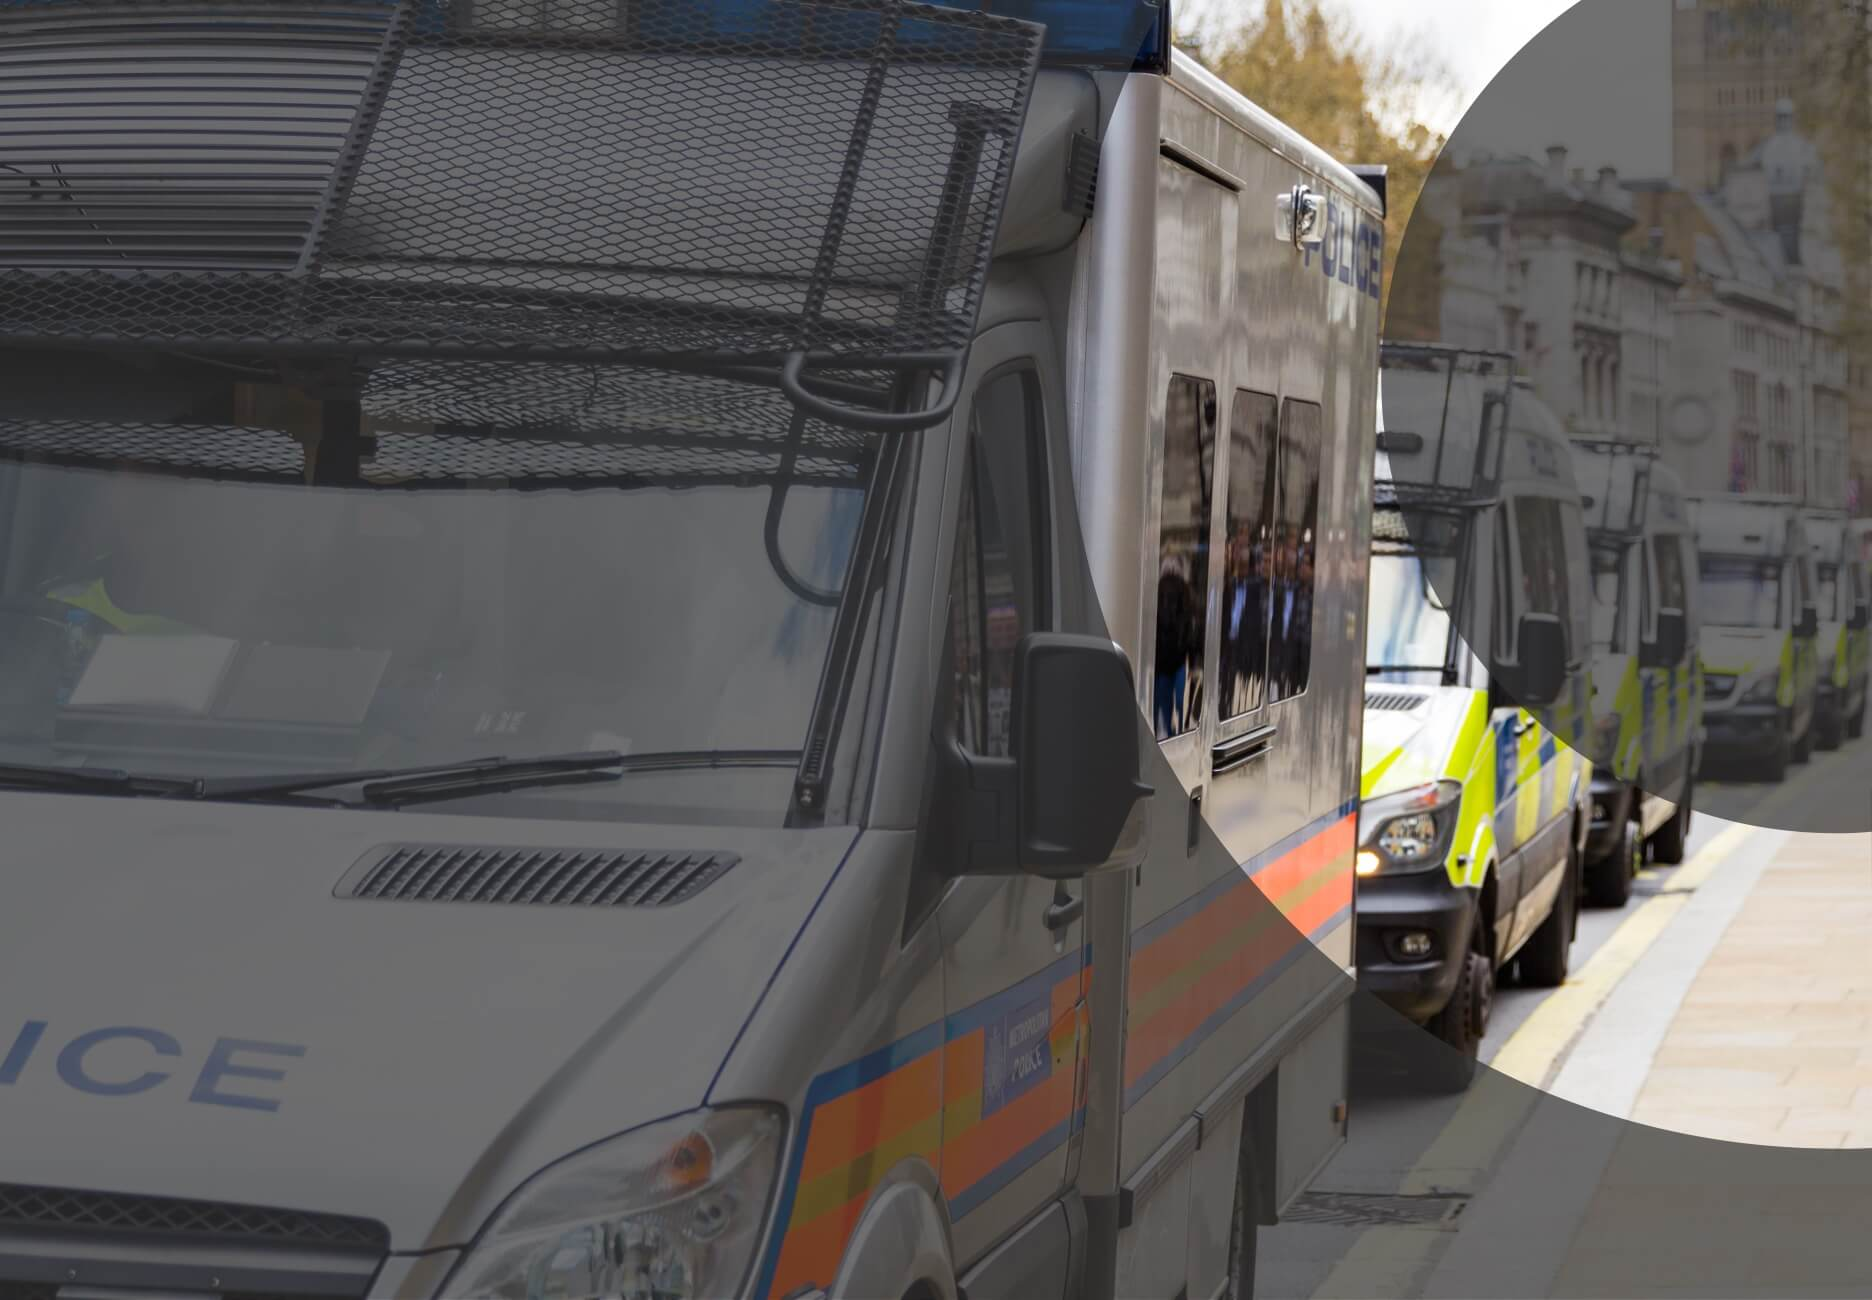 Police vans in London